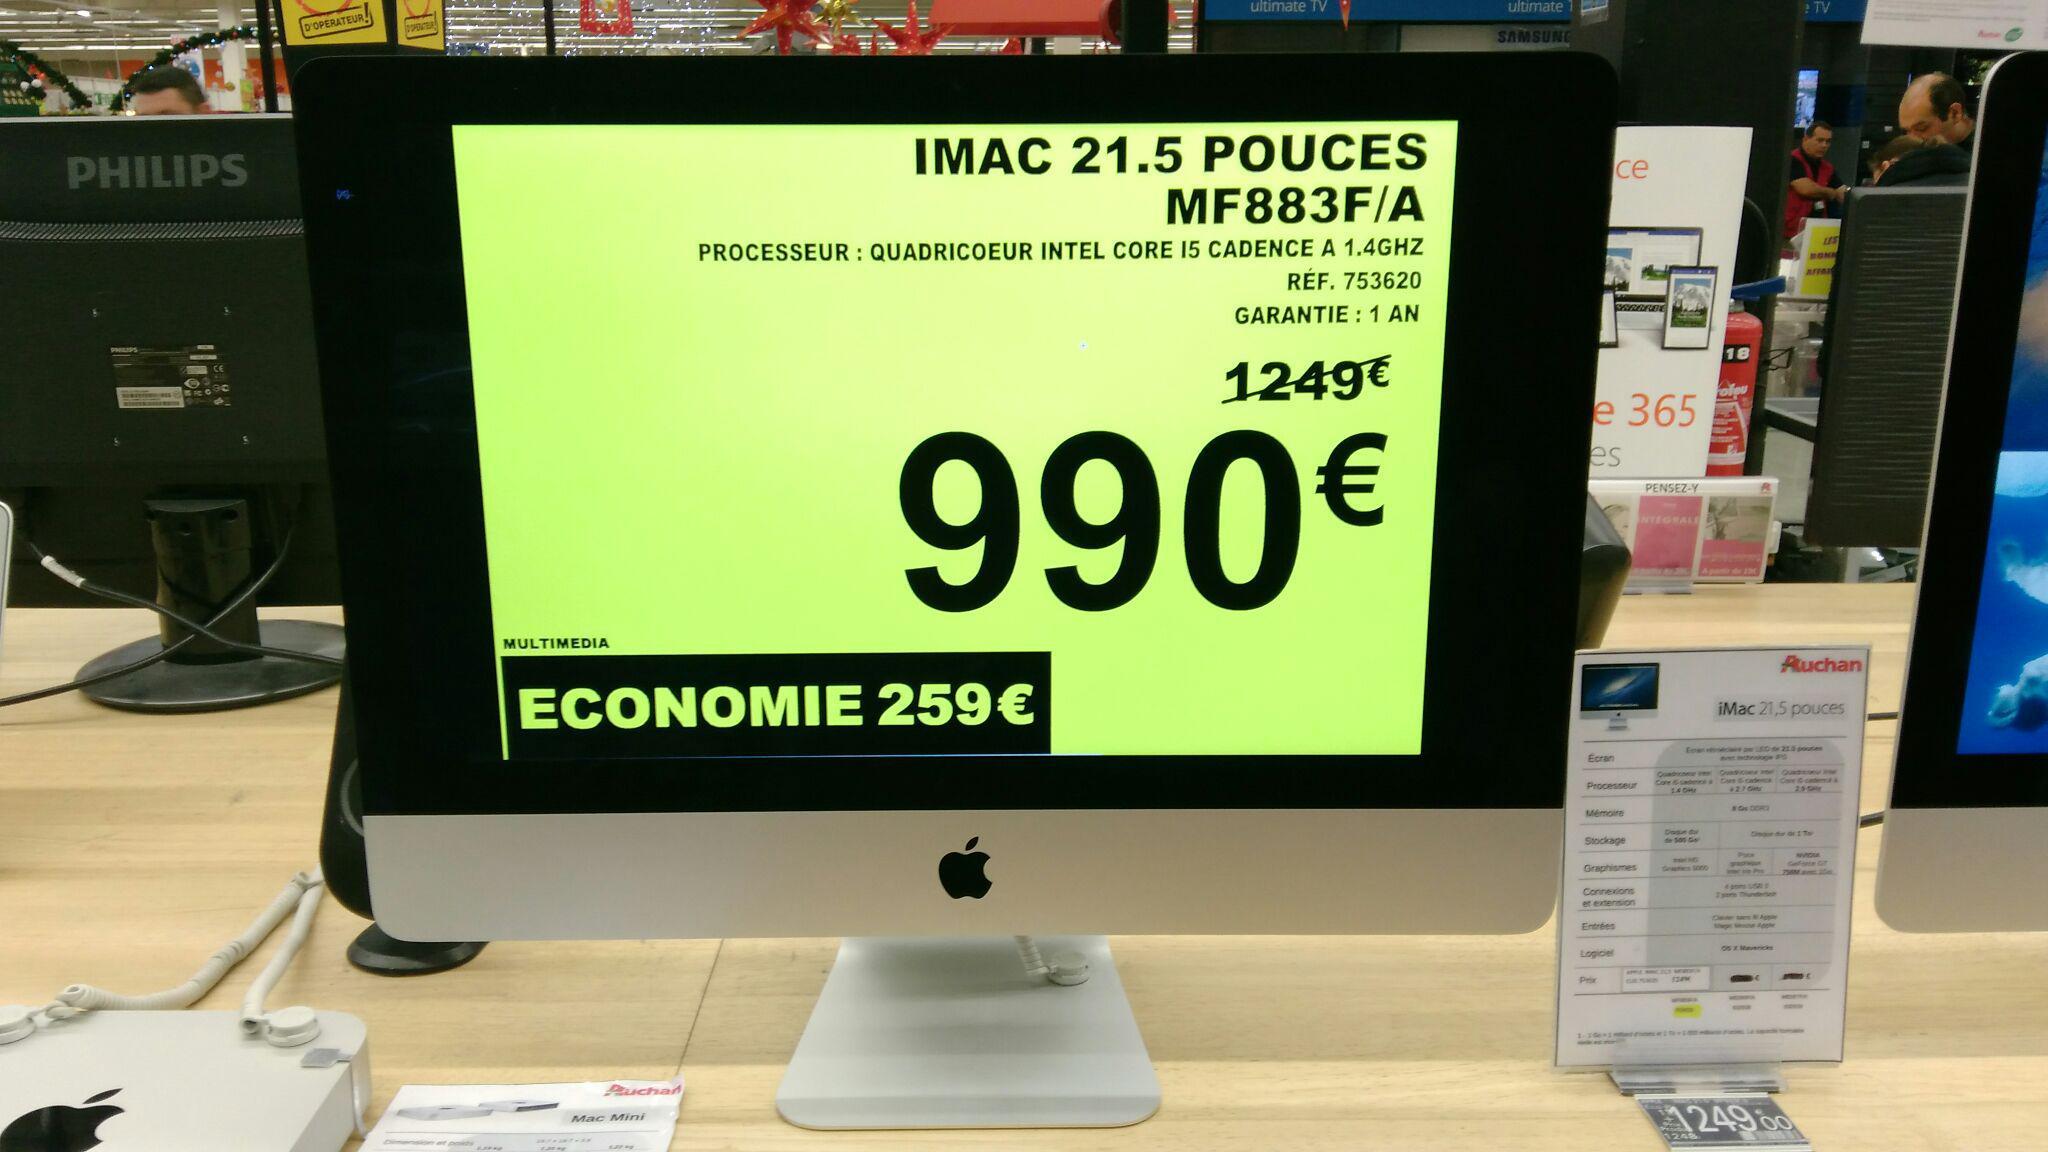 Apple iMac 21.5 (i5, 8 Go Ram, 500 Go HDD)